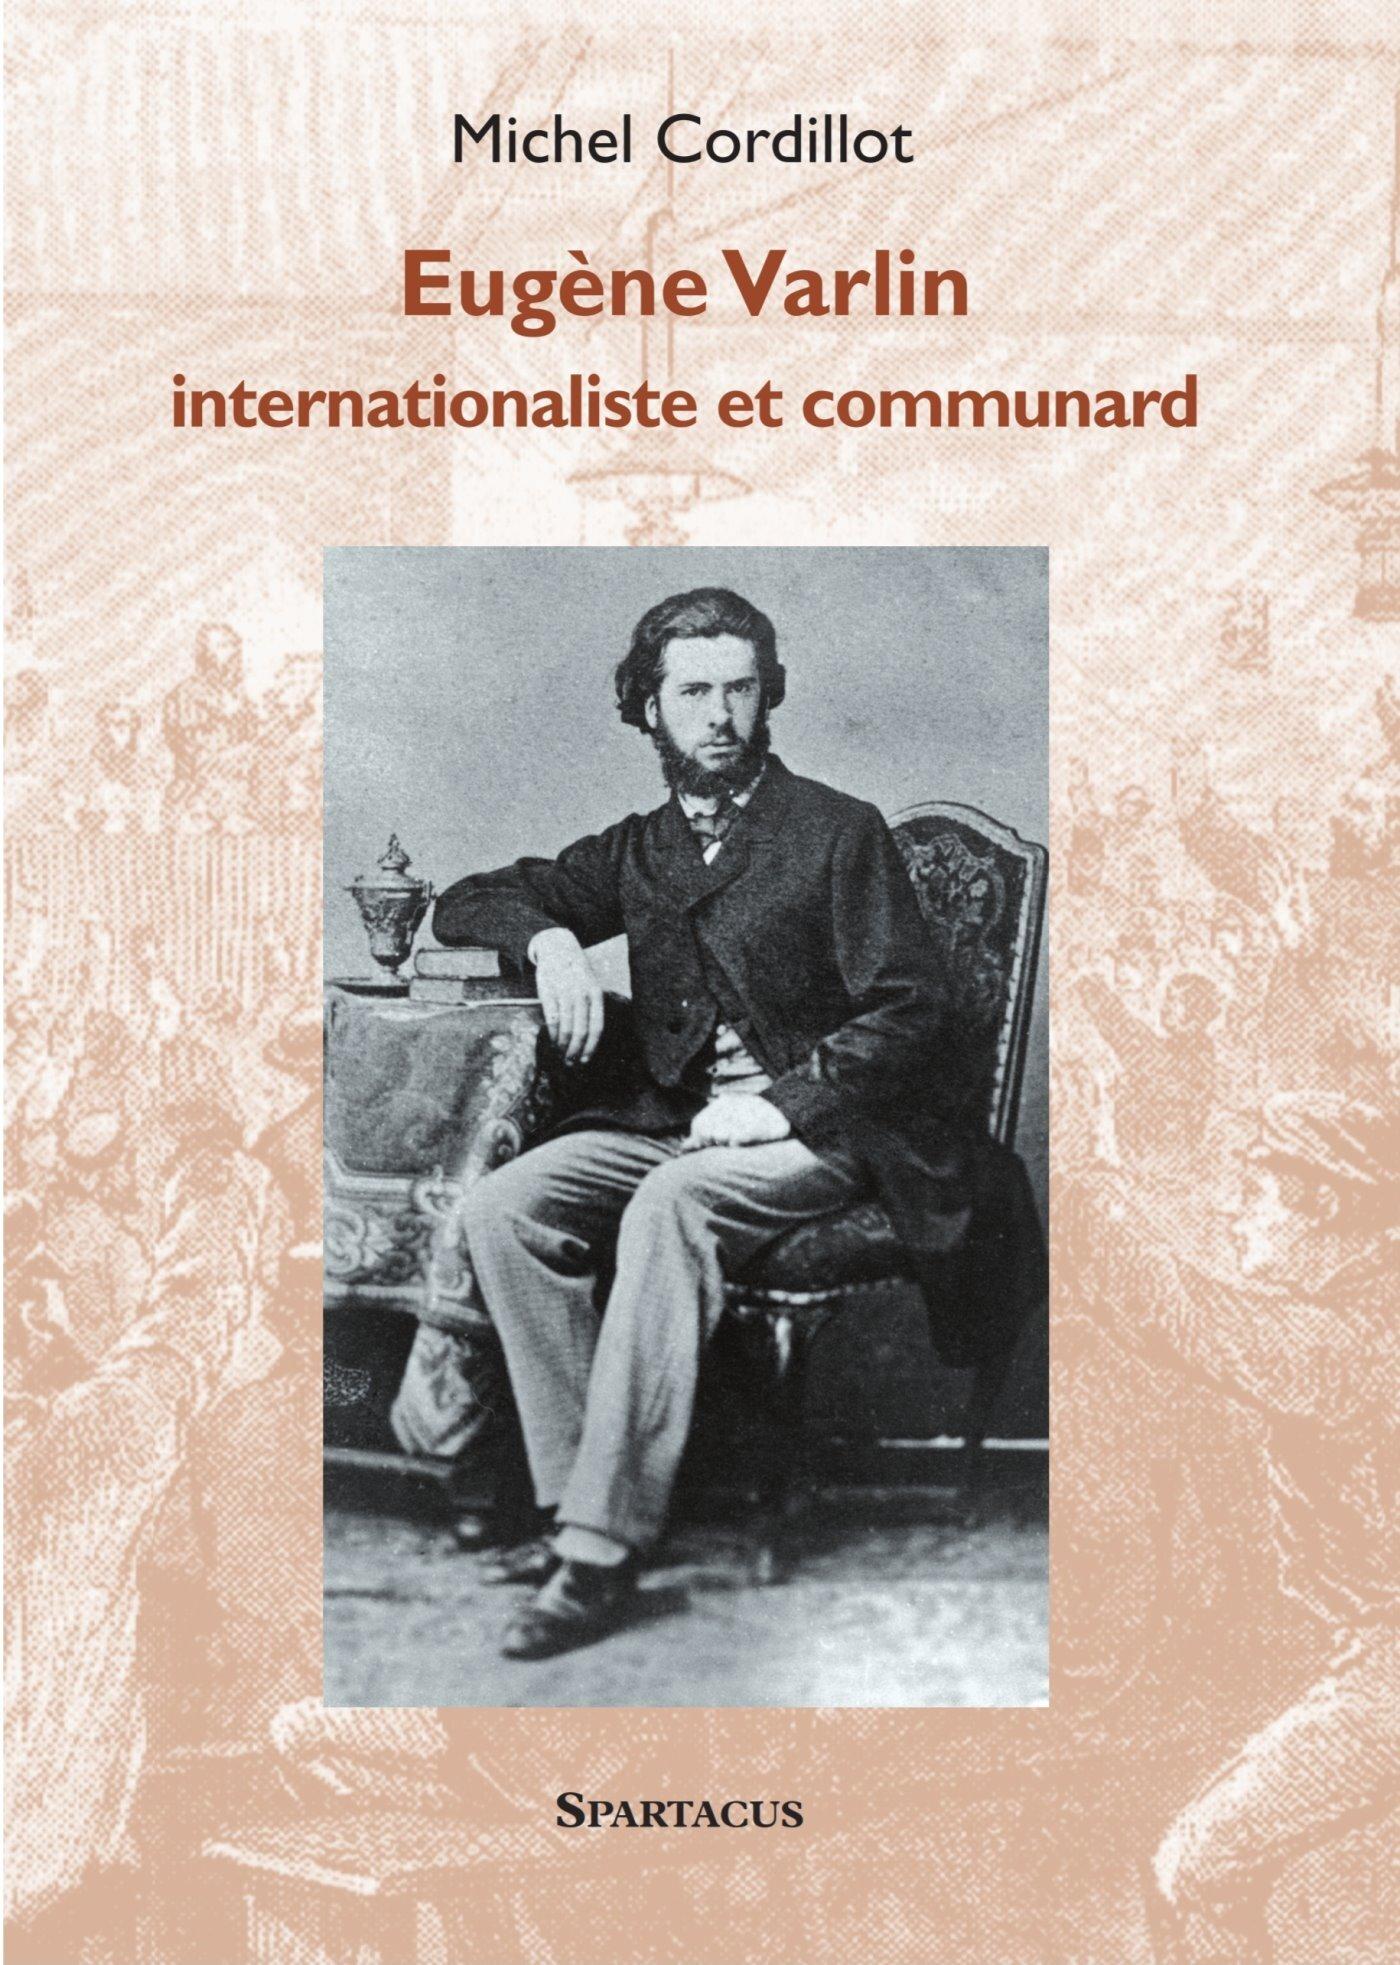 EUGENE VARLIN, OUVRIER RELIEUR, INTERNATIONALISTE ET COMMUNARD